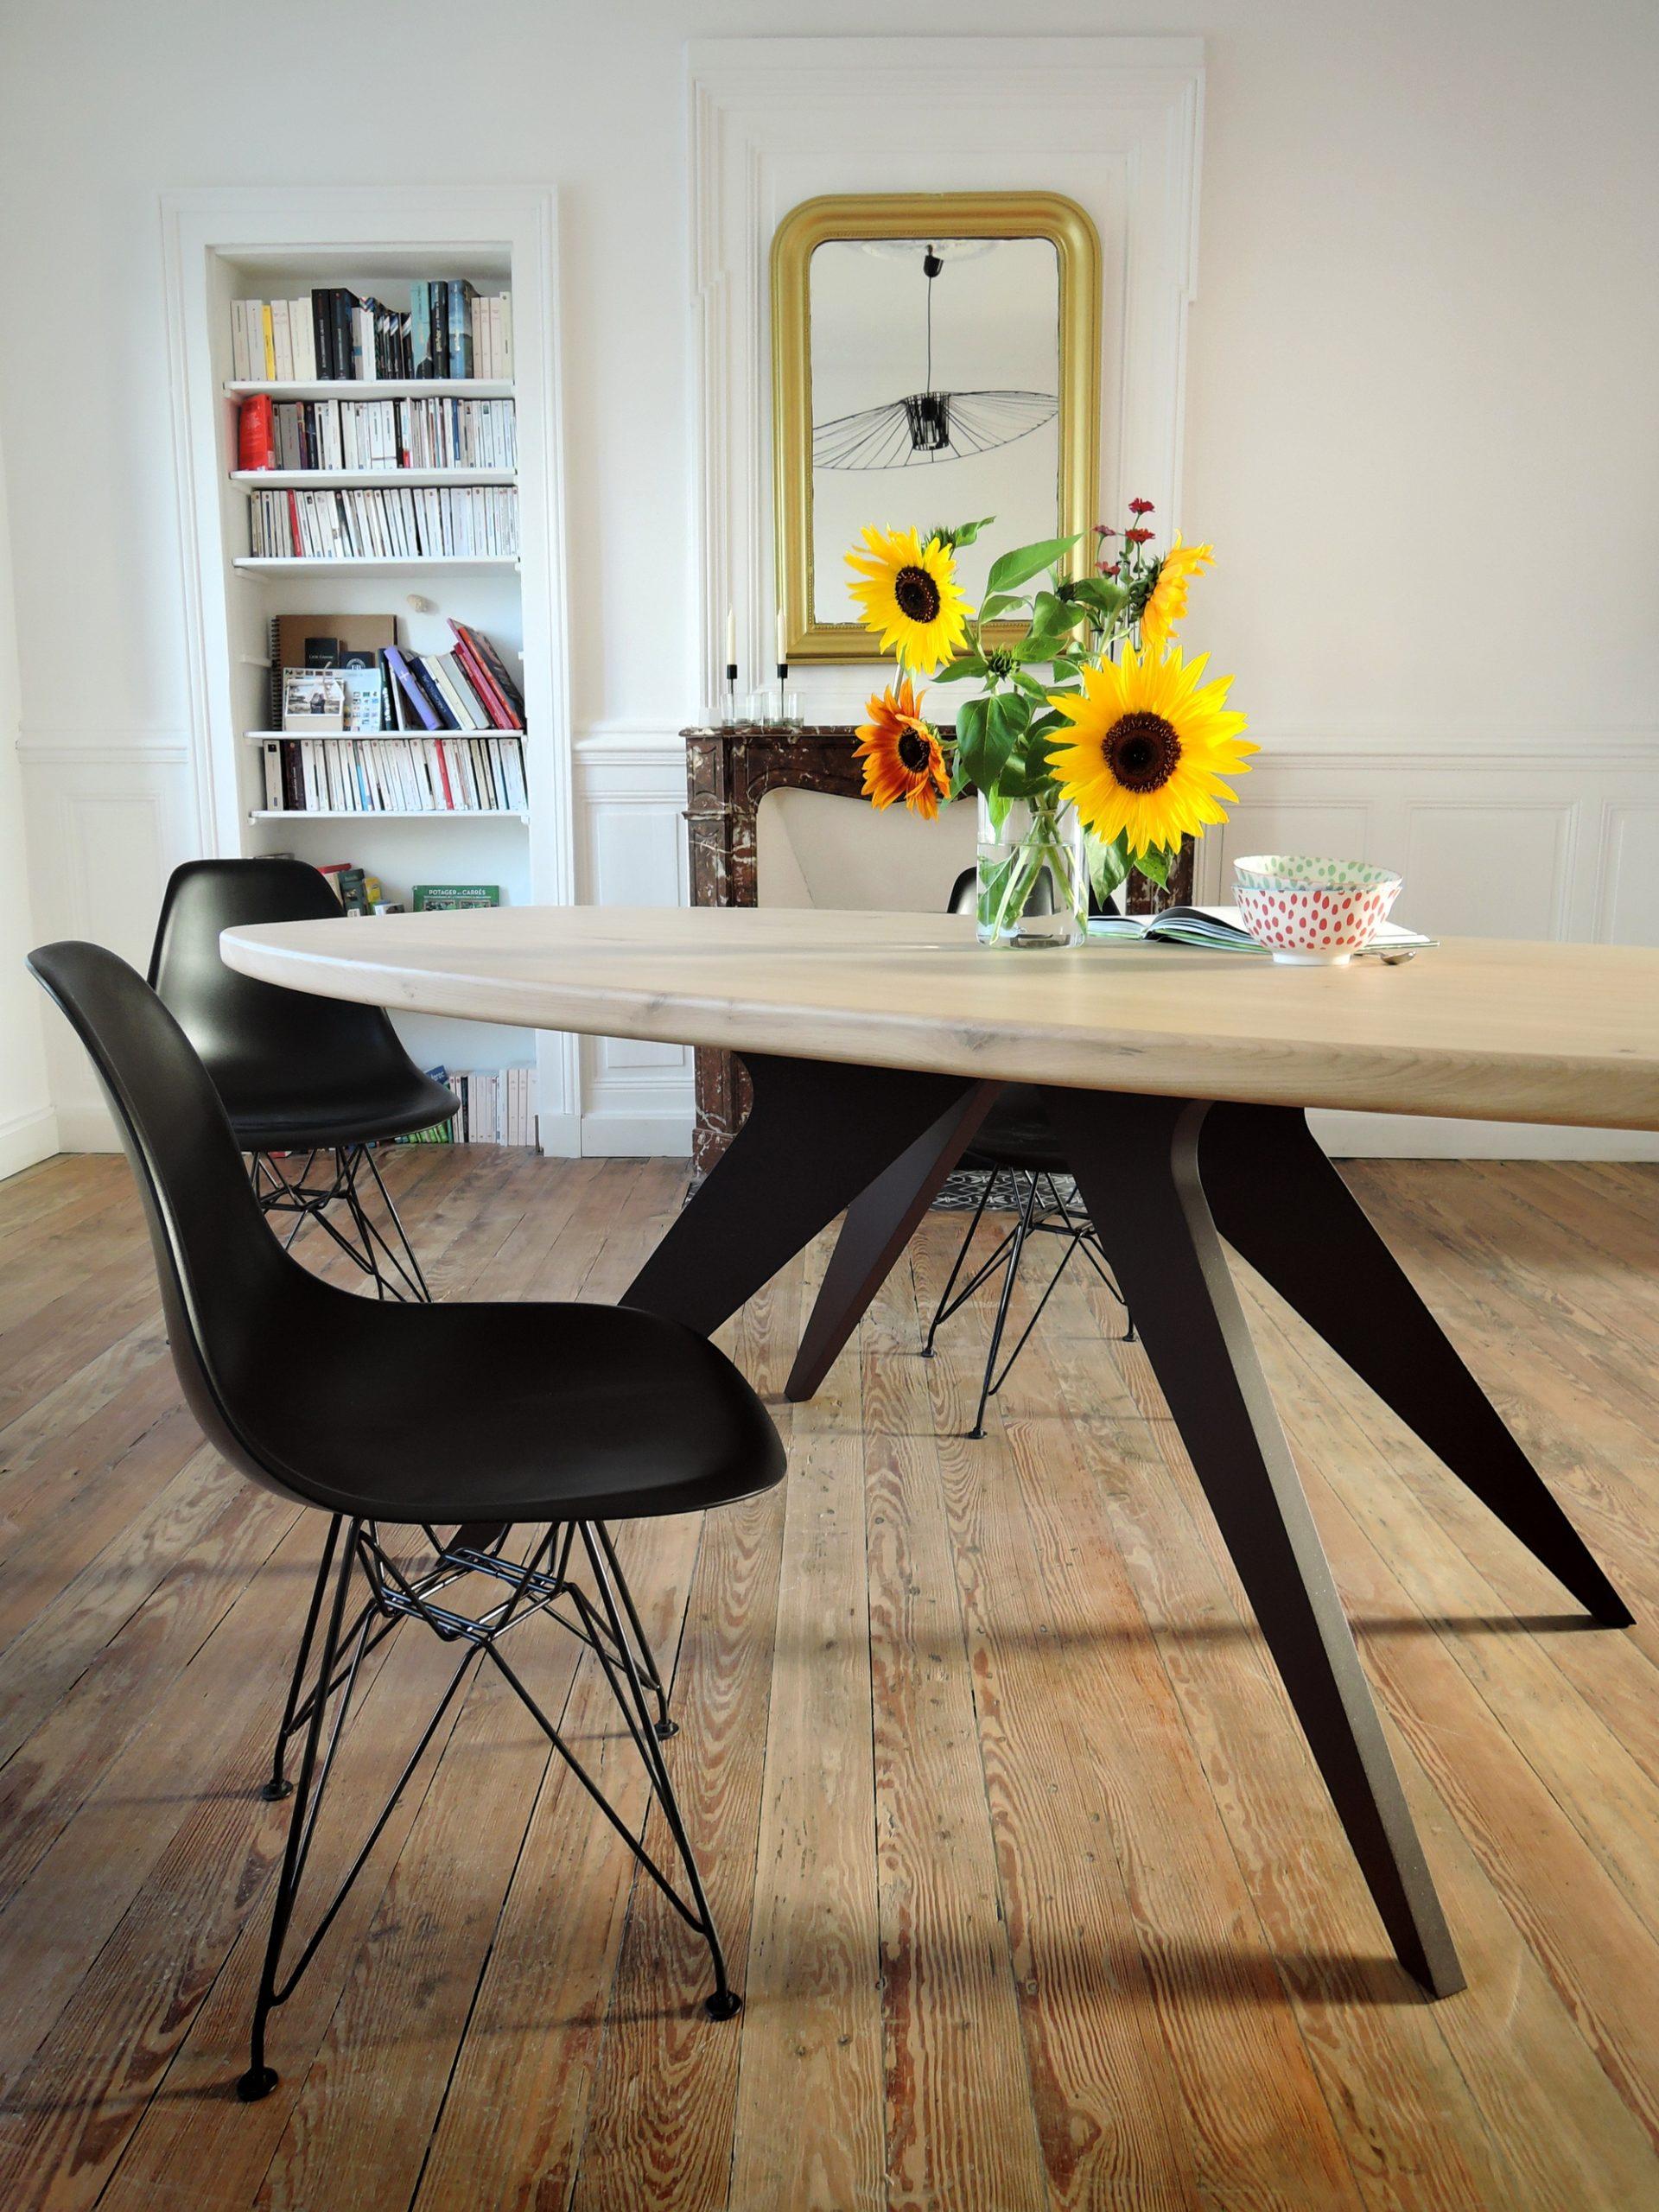 ARTMETA - mobilier sur mesure - table méduse - en aluminium pleine masse et bois massif - plateau ovale surf